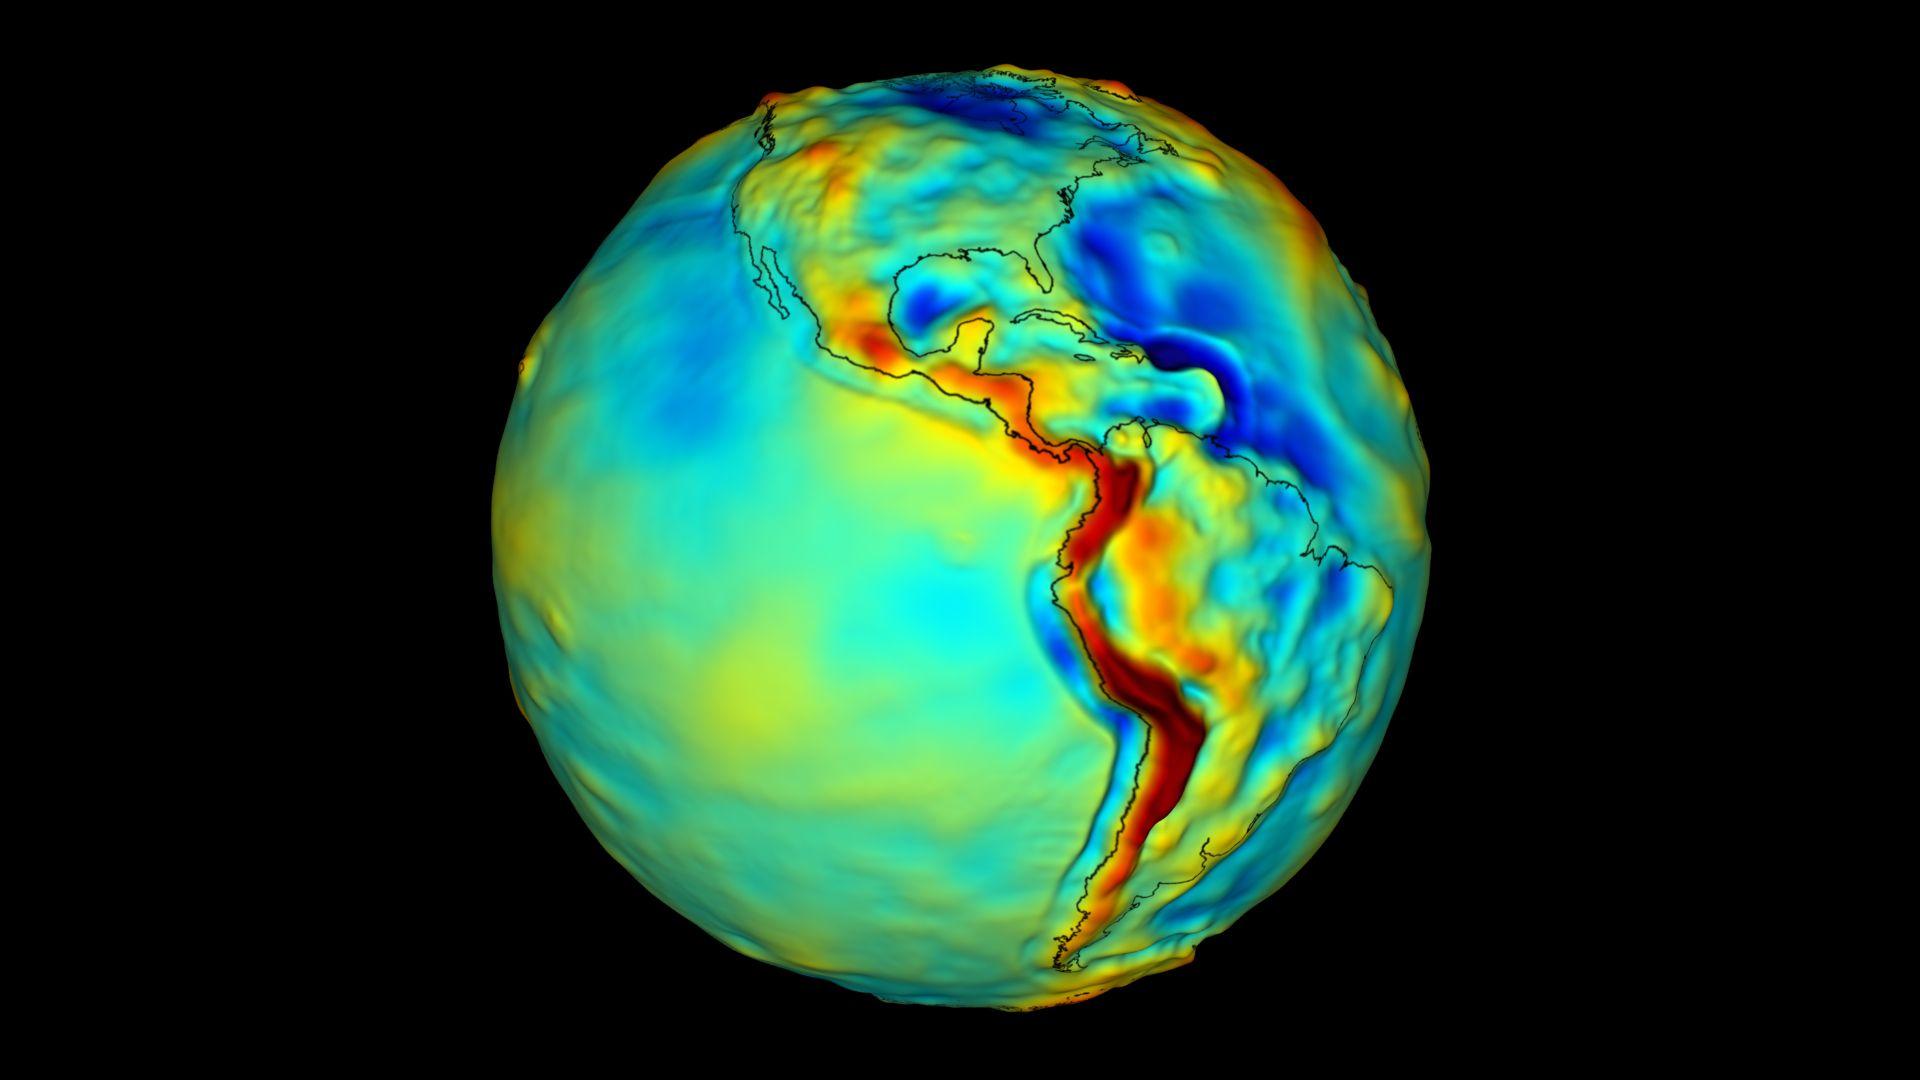 読者からの質問:地球の重力場には季節変動がありますか?